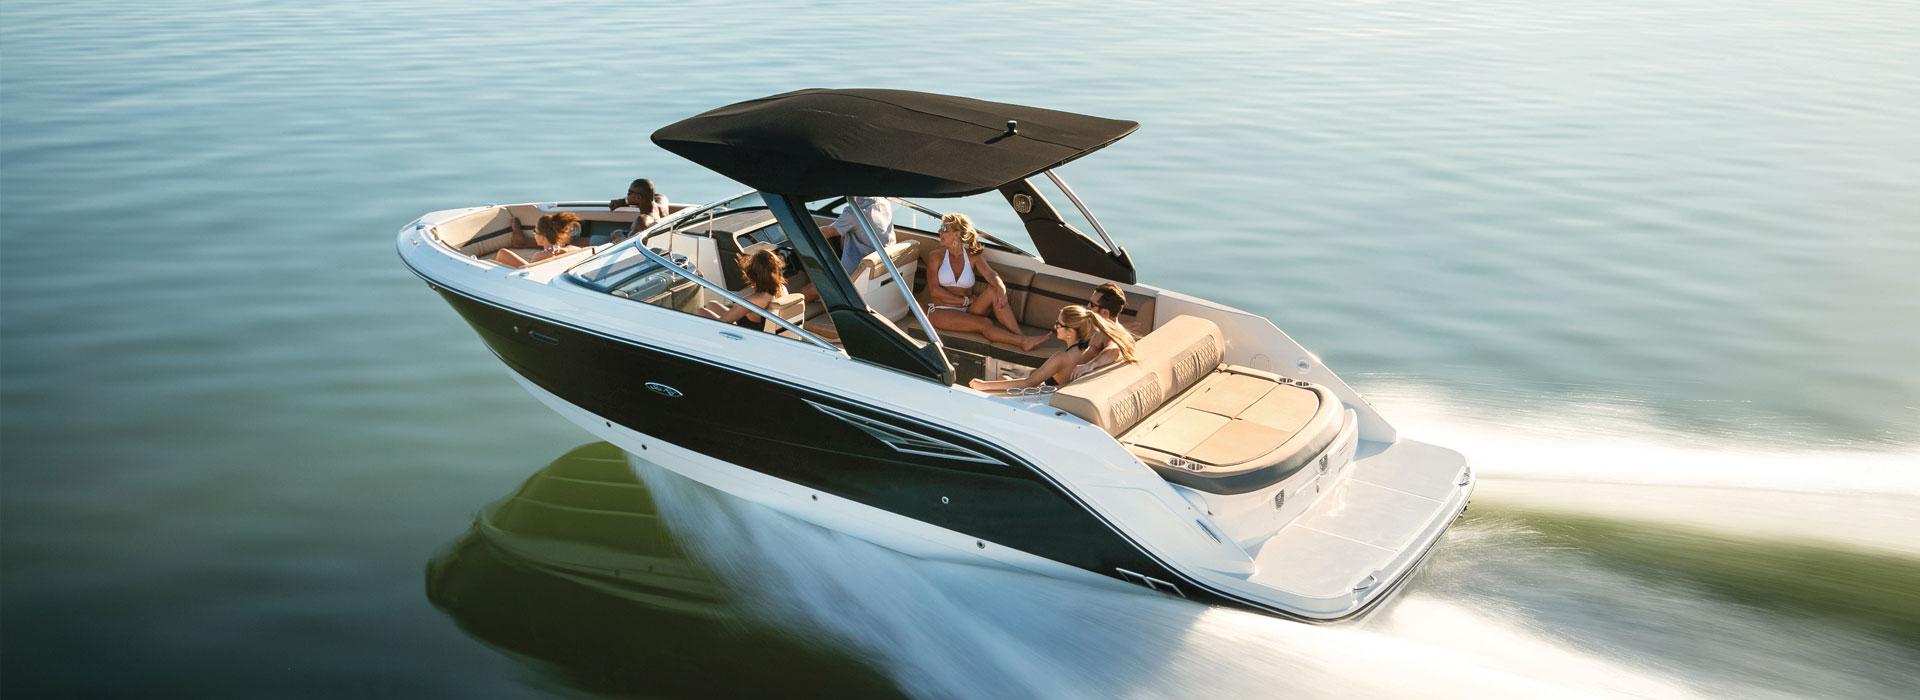 SeaRay 280 SLX